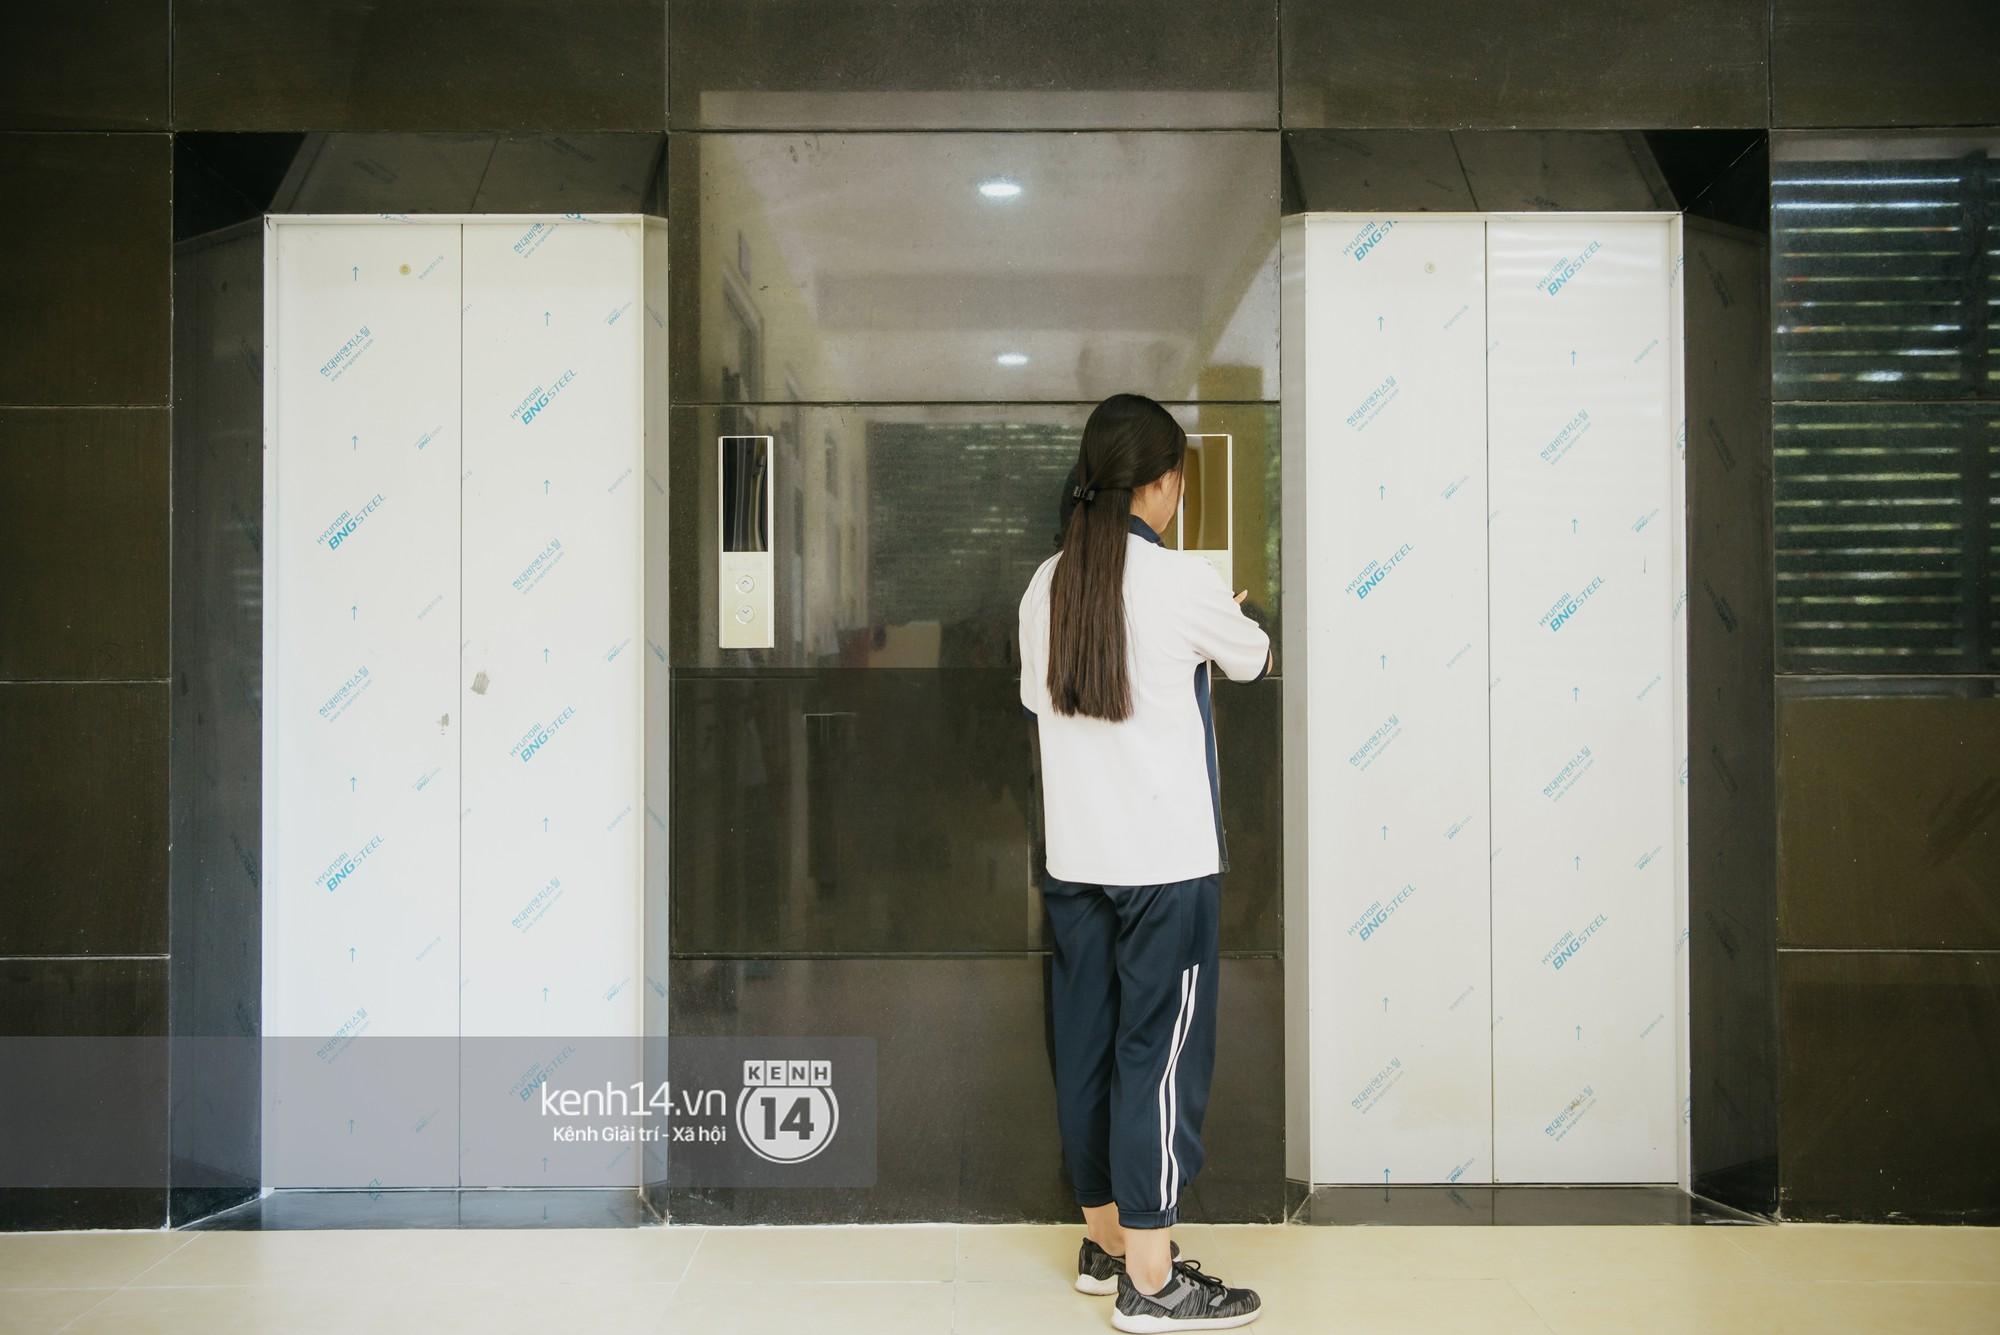 Xuất hiện ngôi trường cấp 3 công lập cao nhất Hà Nội, siêu đẹp và hiện đại với vô vàn góc sống ảo xịn sò - Ảnh 4.